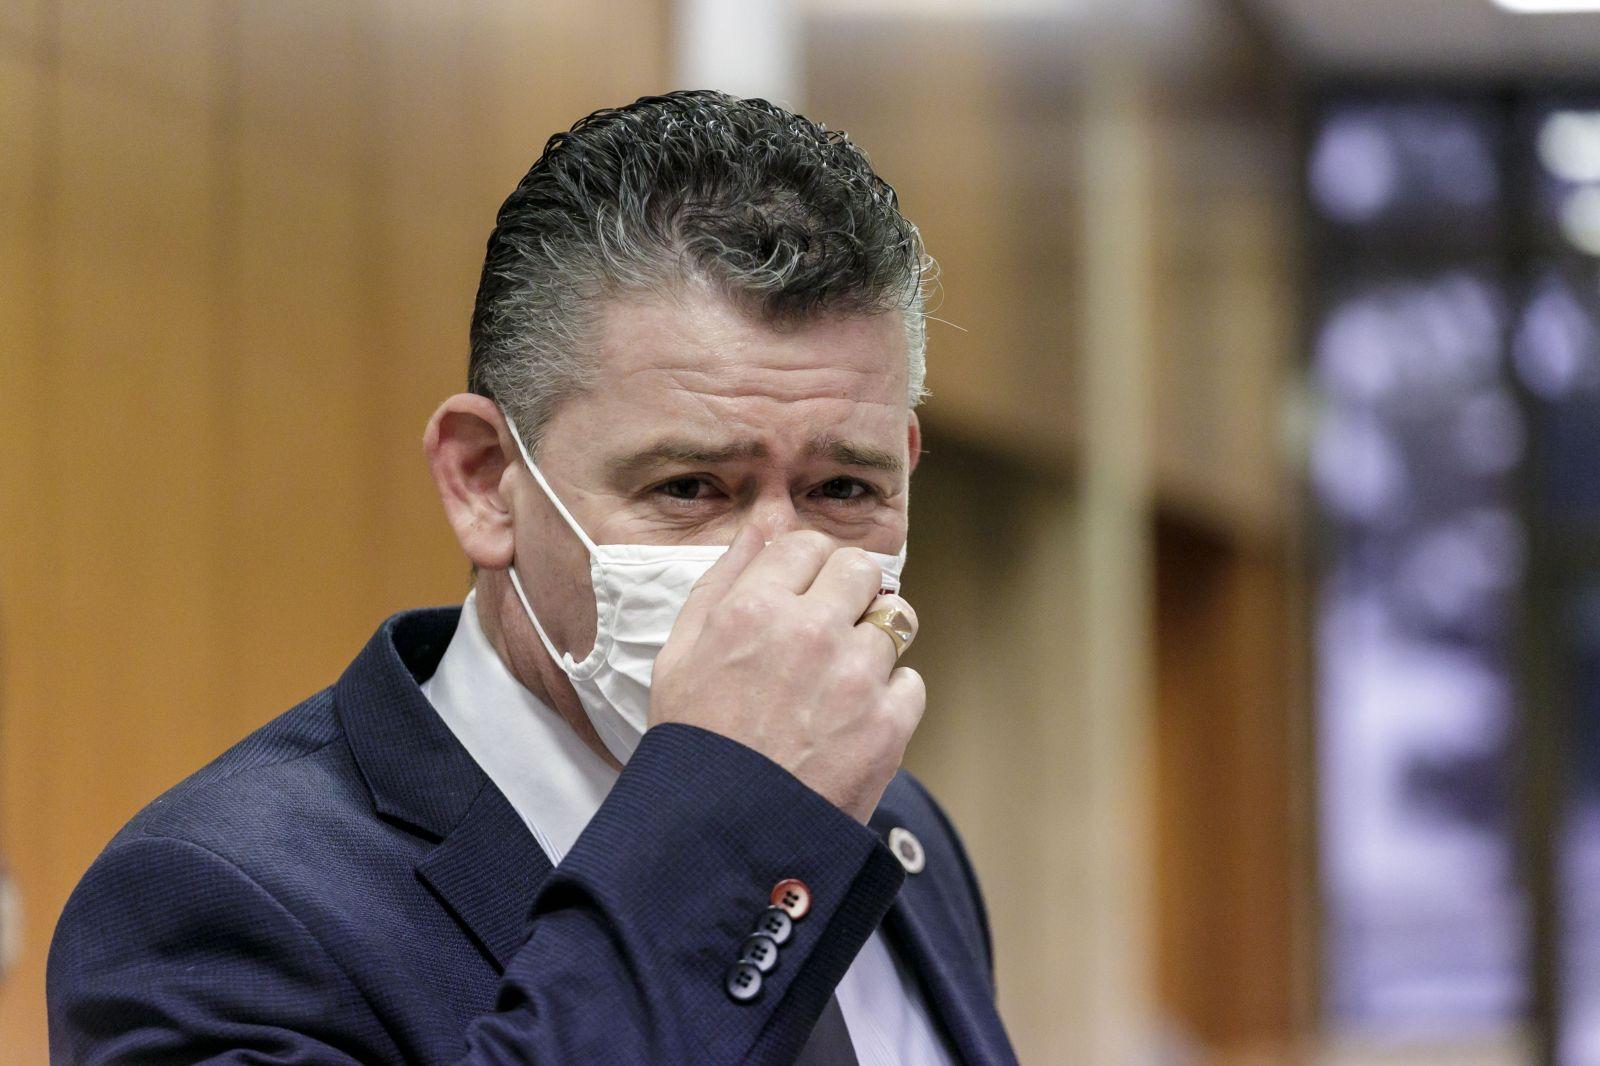 Mikulec: Fico a Kaliňák asi dobre vedia, čo Gašpar narobil, veď bol ich človek. Minister vnútra vraj rezort prebral v zlom stave